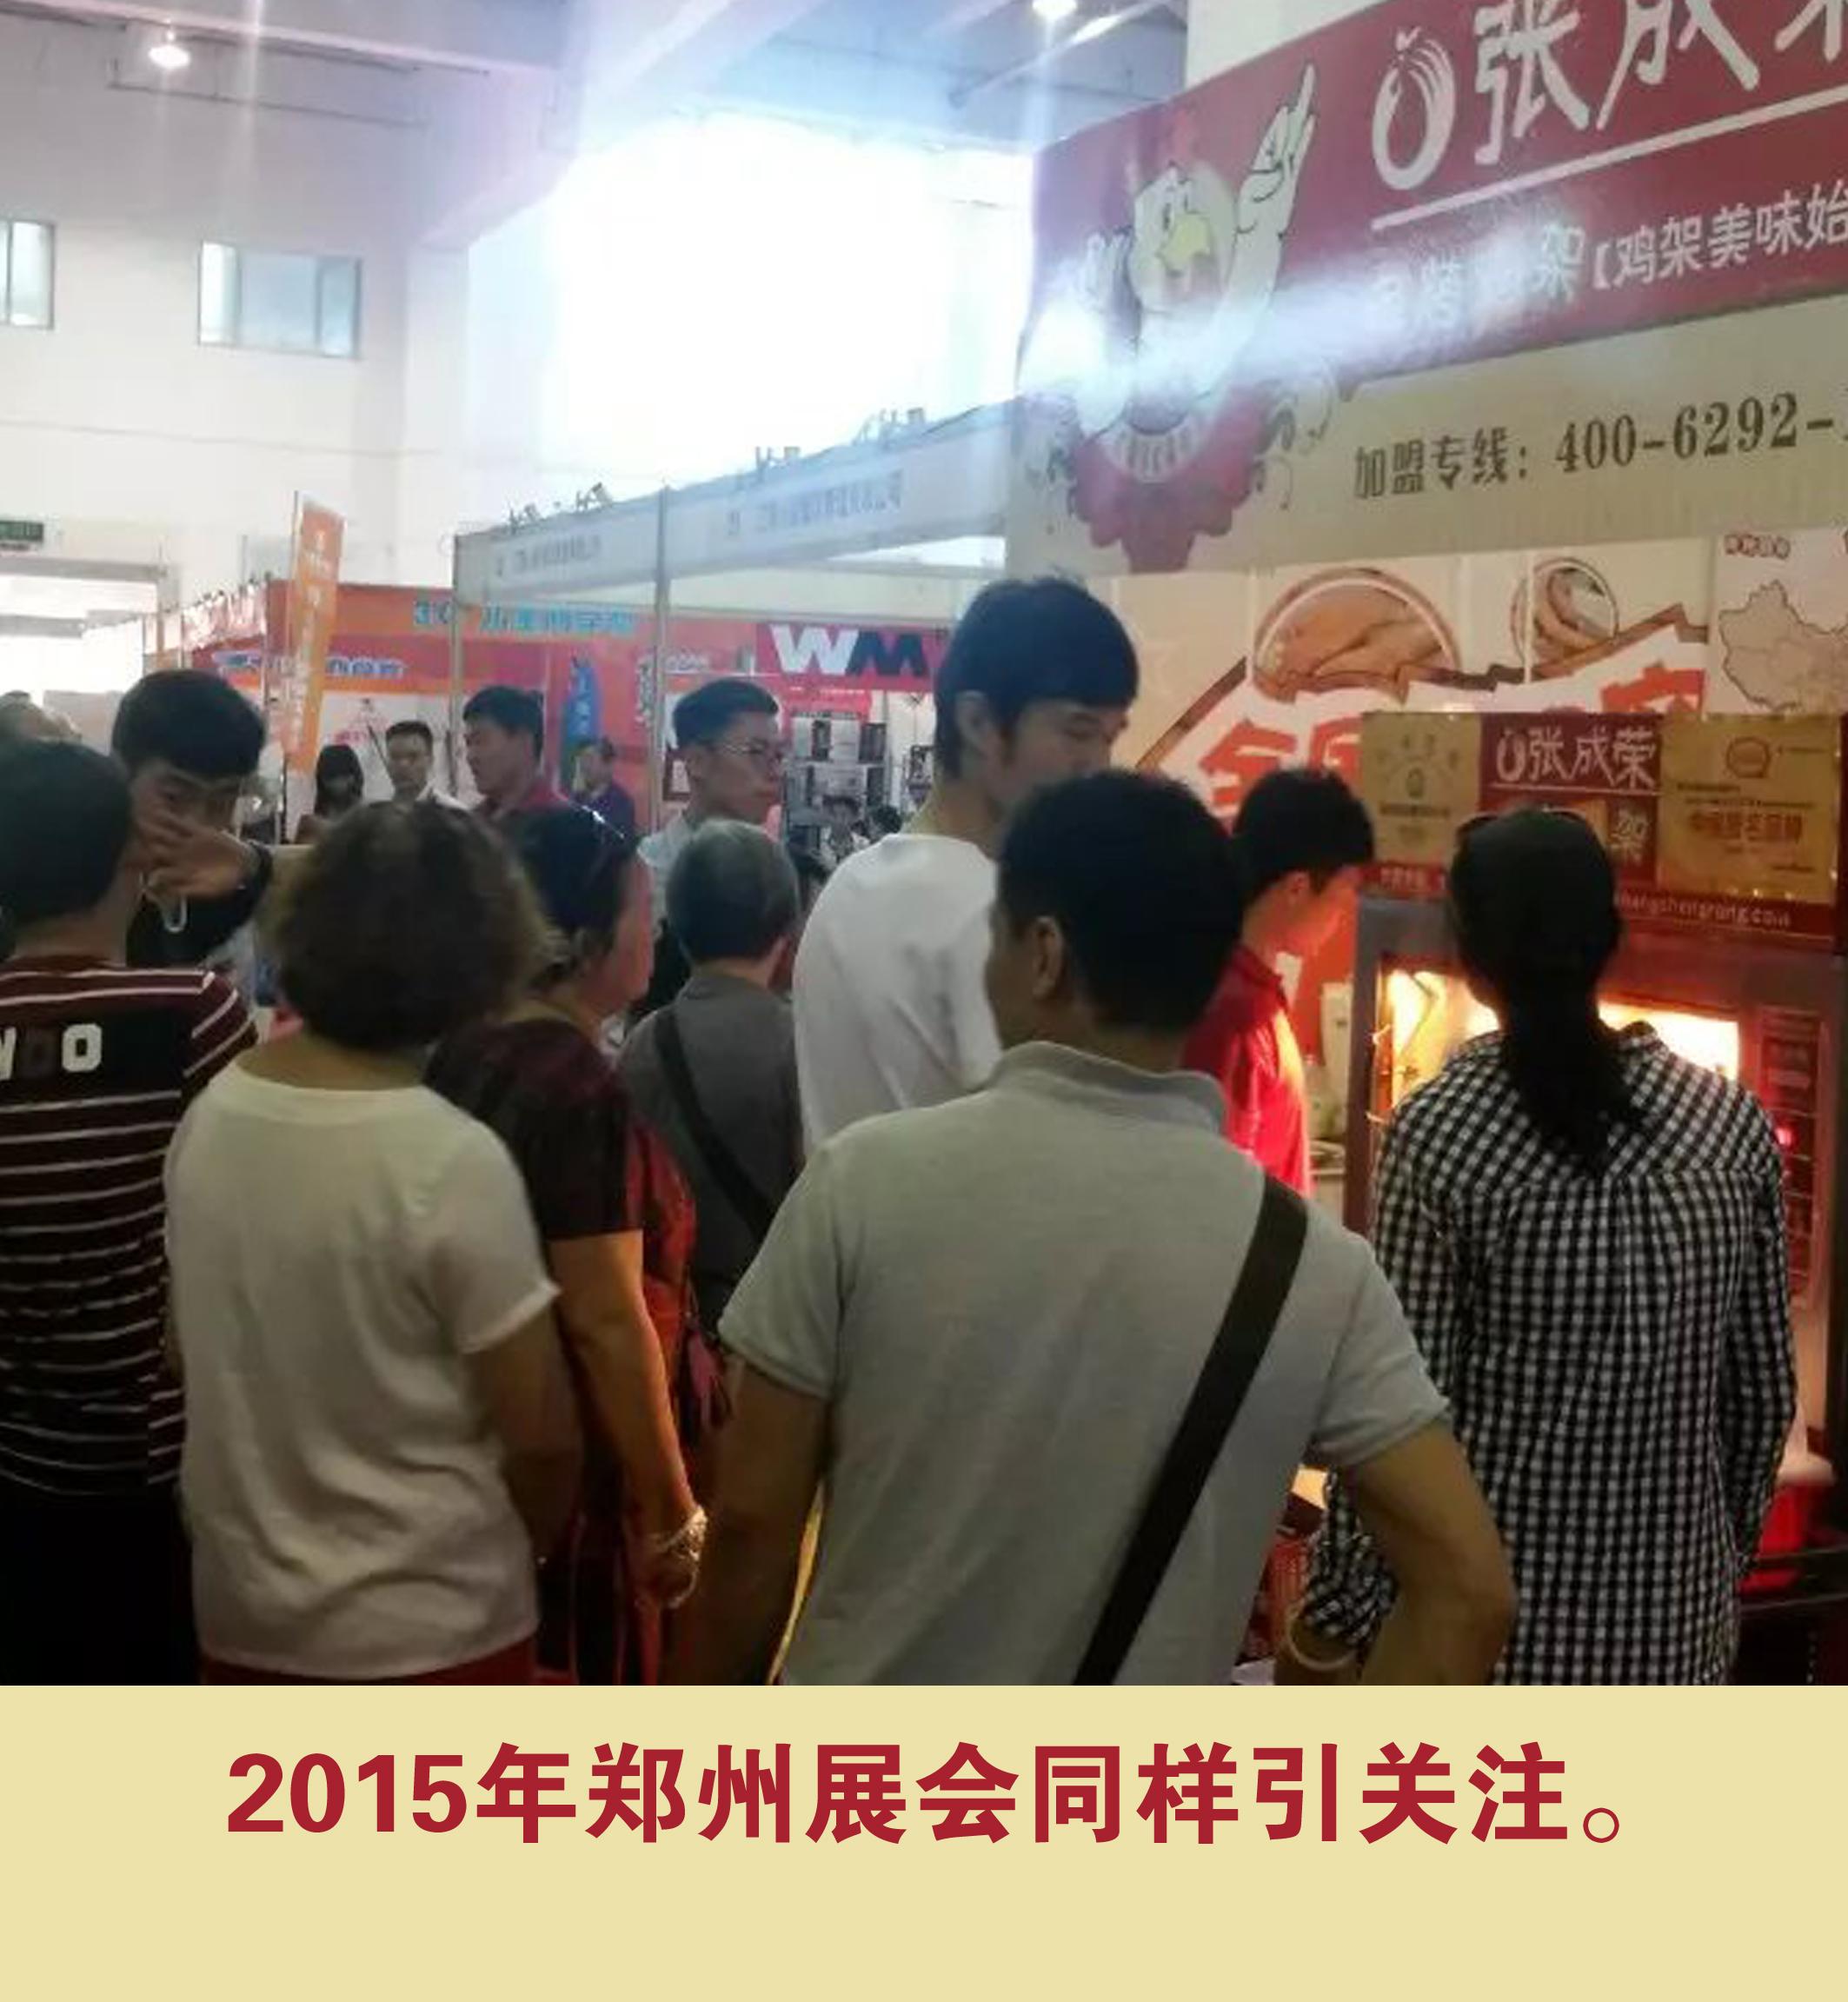 2015年郑州展会同样引关注。